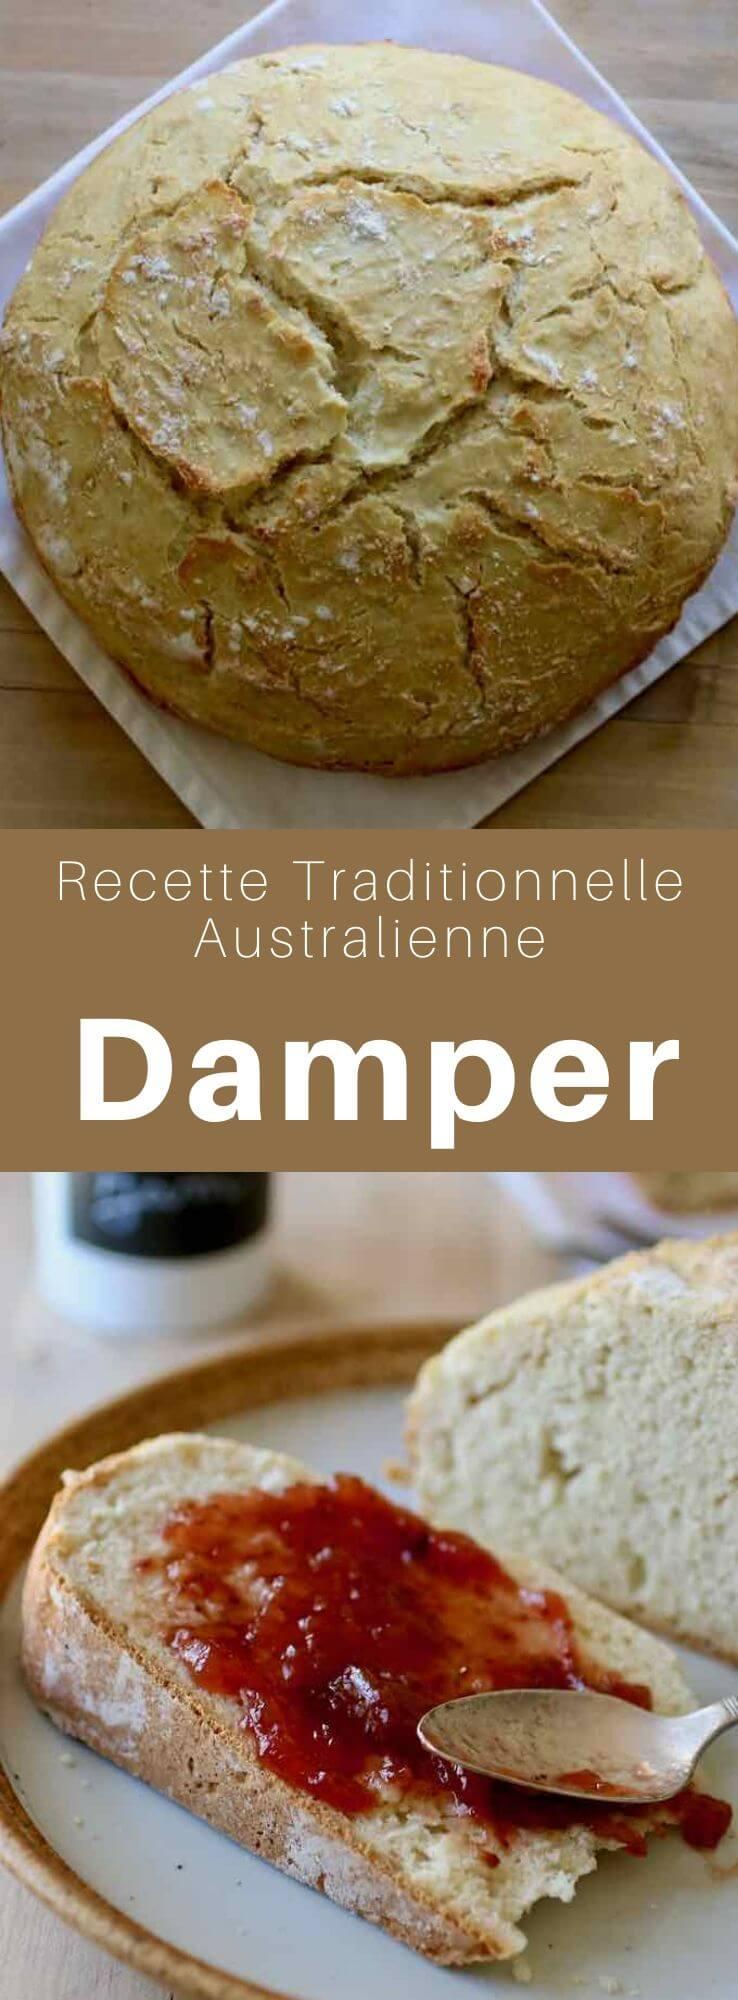 Le damper ou bush bread est un délicieux pain australien sans levain traditionnellement cuit sur des charbons ardents mais qui peut aussi être cuit au four. #Australie #RecetteAustralienne #CuisineDuMonde #196flavors